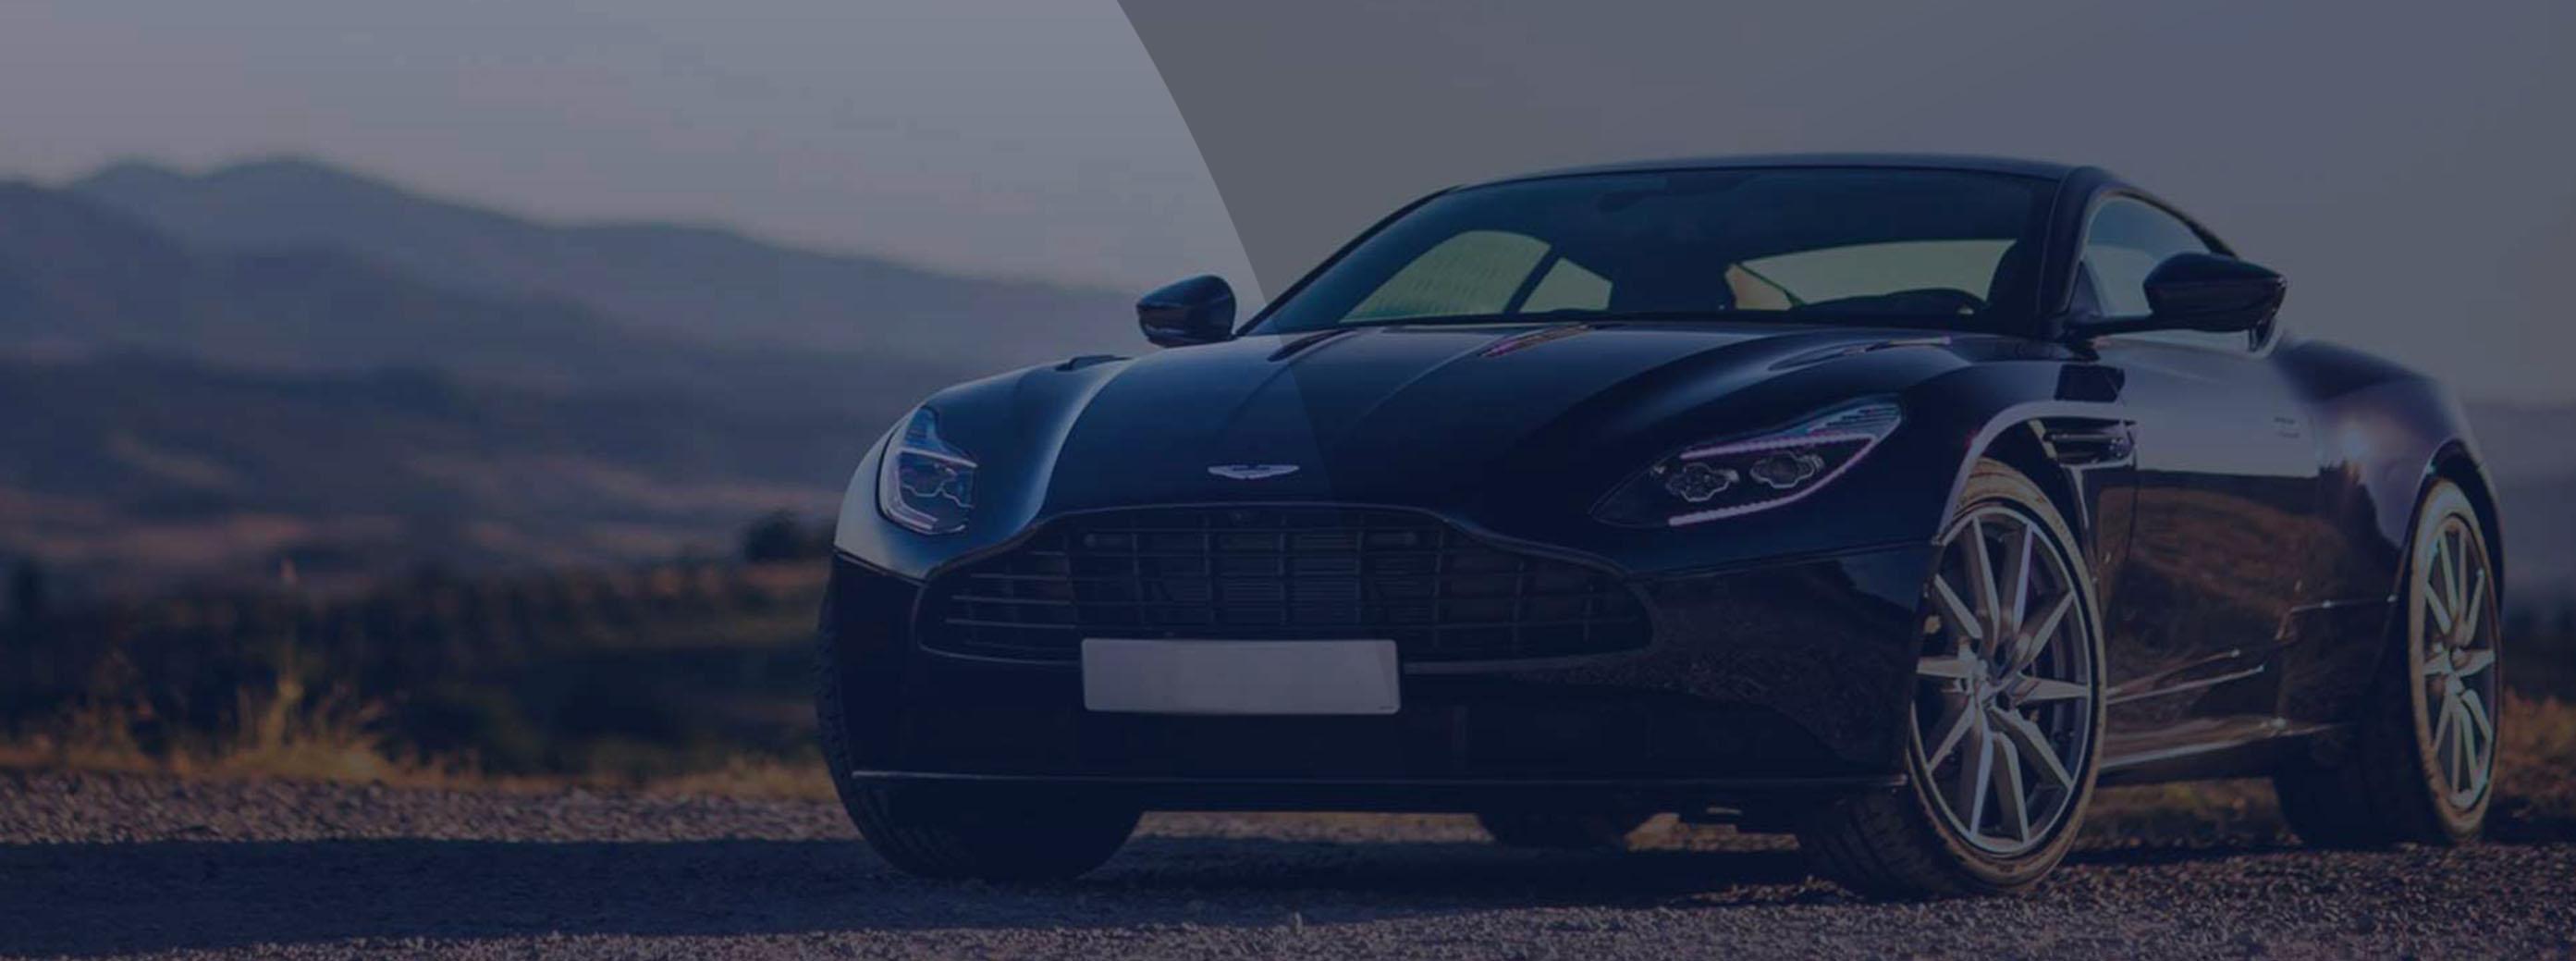 <span>Leasing de véhicules d'exception</span><br /><strong>Leader du leasing sur-mesure<br />de véhicules de luxe de seconde main<br /><br /><a class='btn-orange' href='https://cmsauto.com/tout-savoir-du-leasing-d-automobiles-haut-de-gamme-155'>Découvrez le leasing</a><a class='btn-blue' href='https://cmsauto.com/leasing'>Notre stock disponible</a></strong>